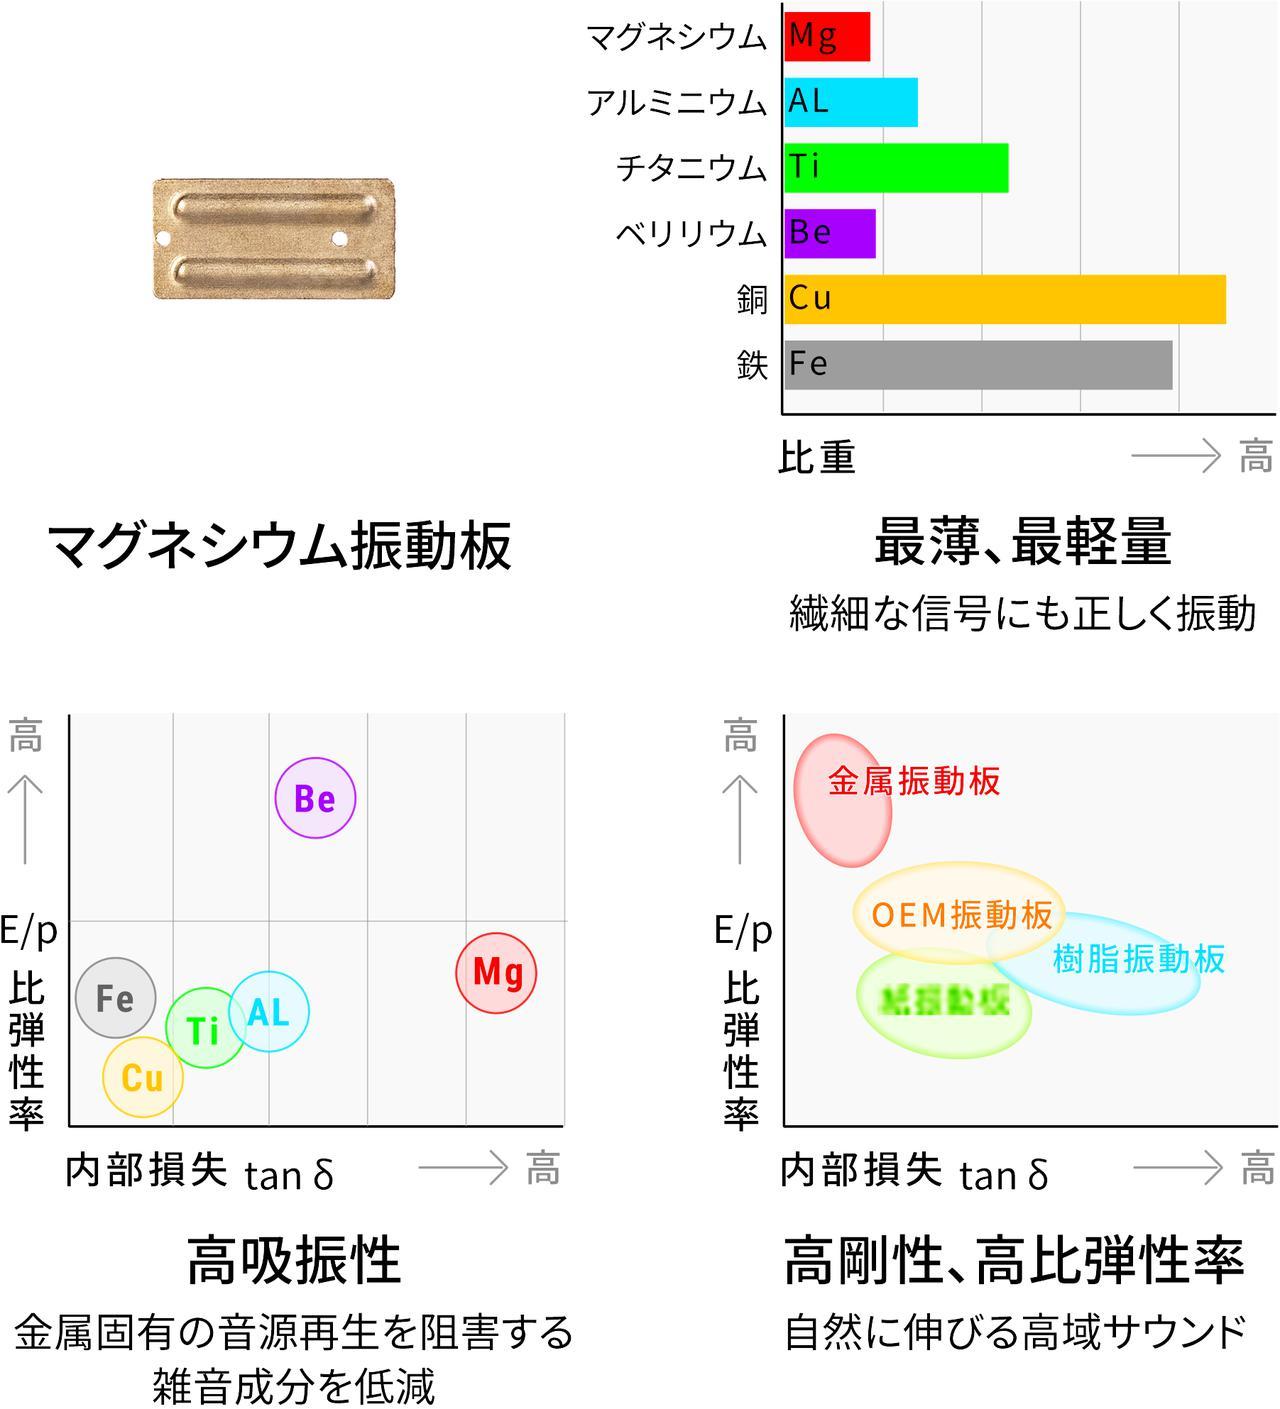 画像: ONKYO カスタムインイヤーモニター|オンキヨー株式会社